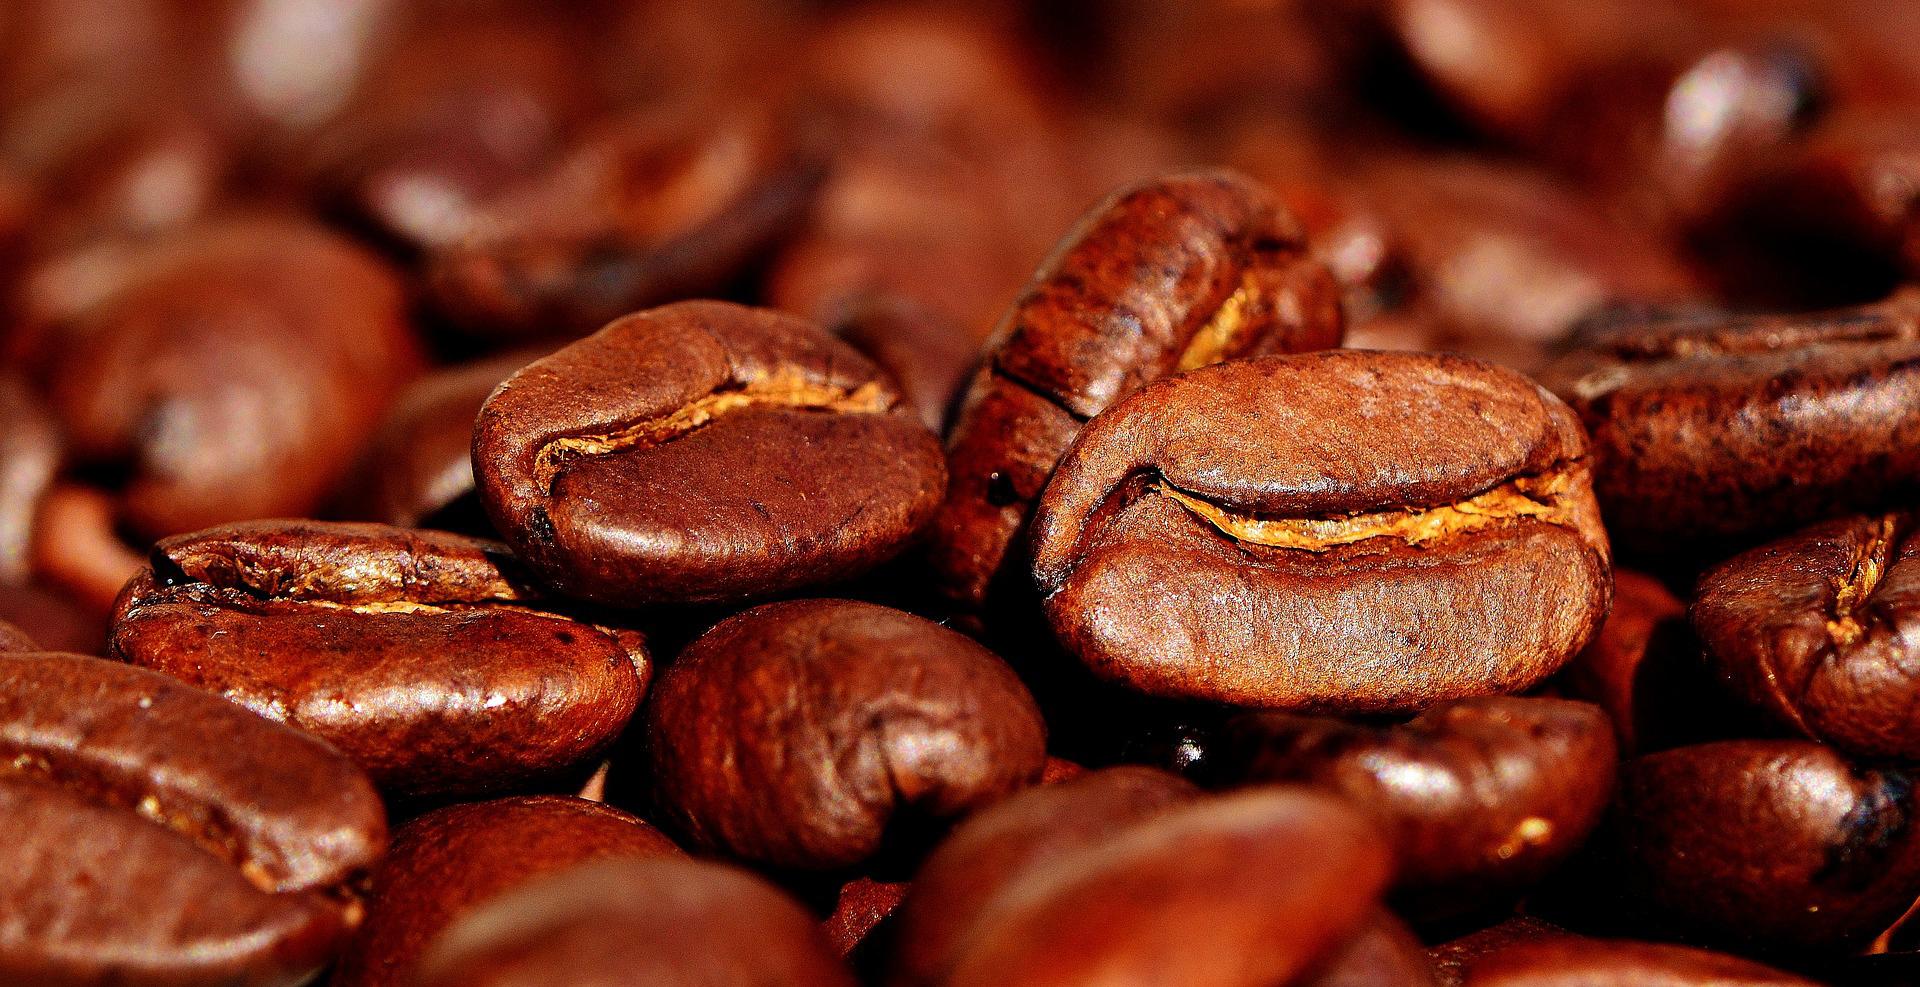 Stilpunkte-Blog: Frisch geröstete Kaffeebohnen, fertig zur Verarbeitung in Kaffeemühle, Kaffeevollautomat und Kaffeemaschine